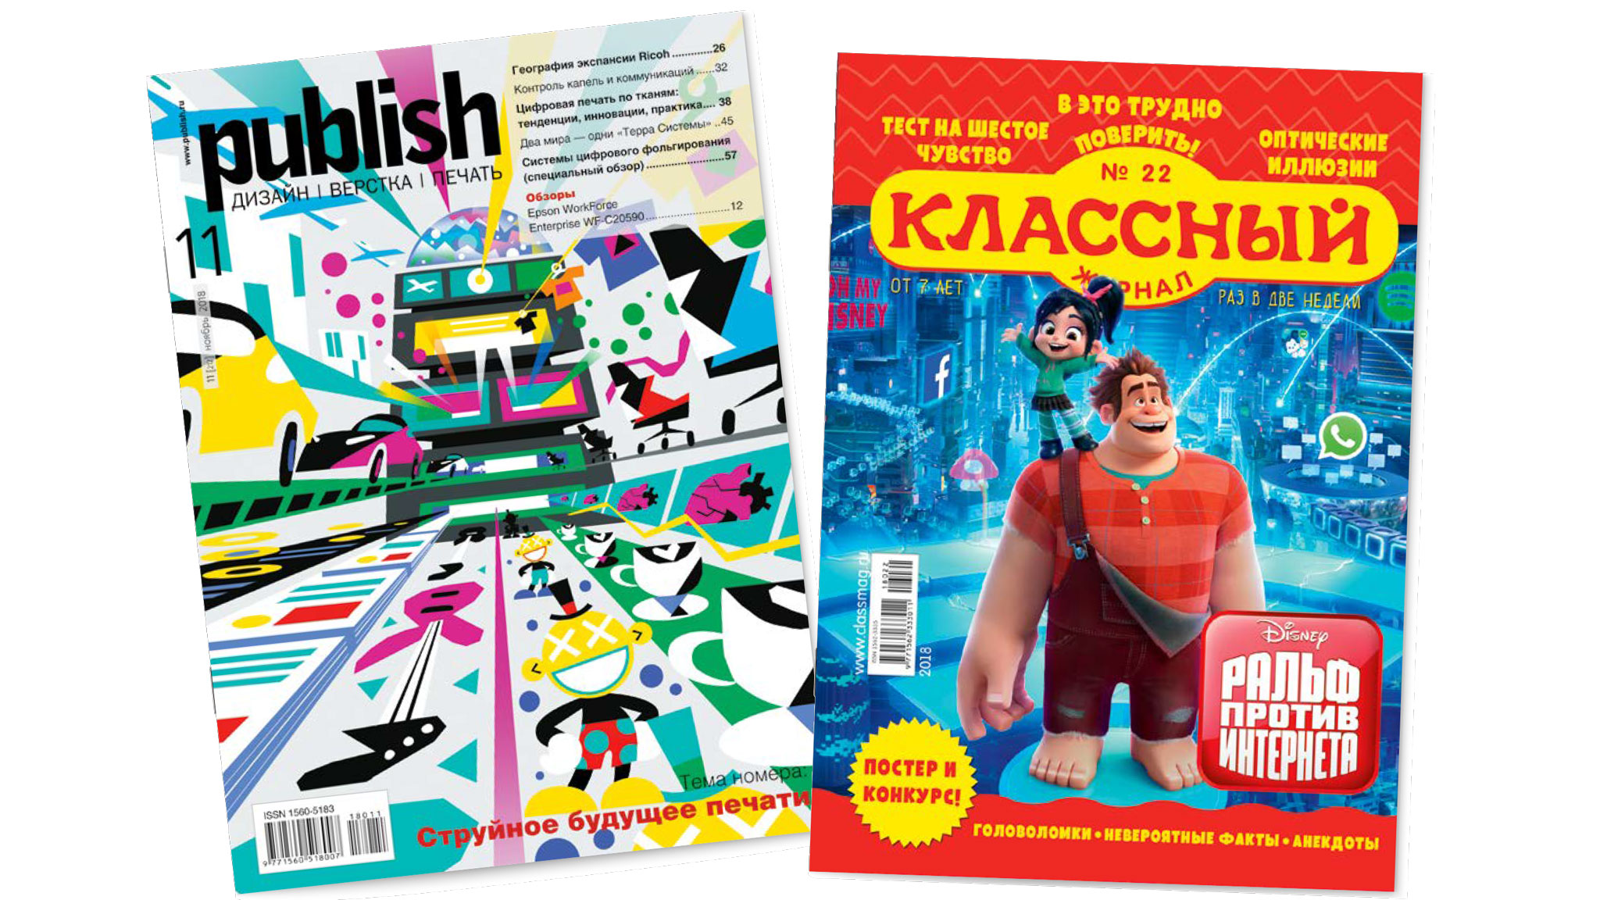 Издательство «Открытые системы» специализируется навыпуске нишевых журналов дляпрофессионалов,  атакже детских массовых изданий